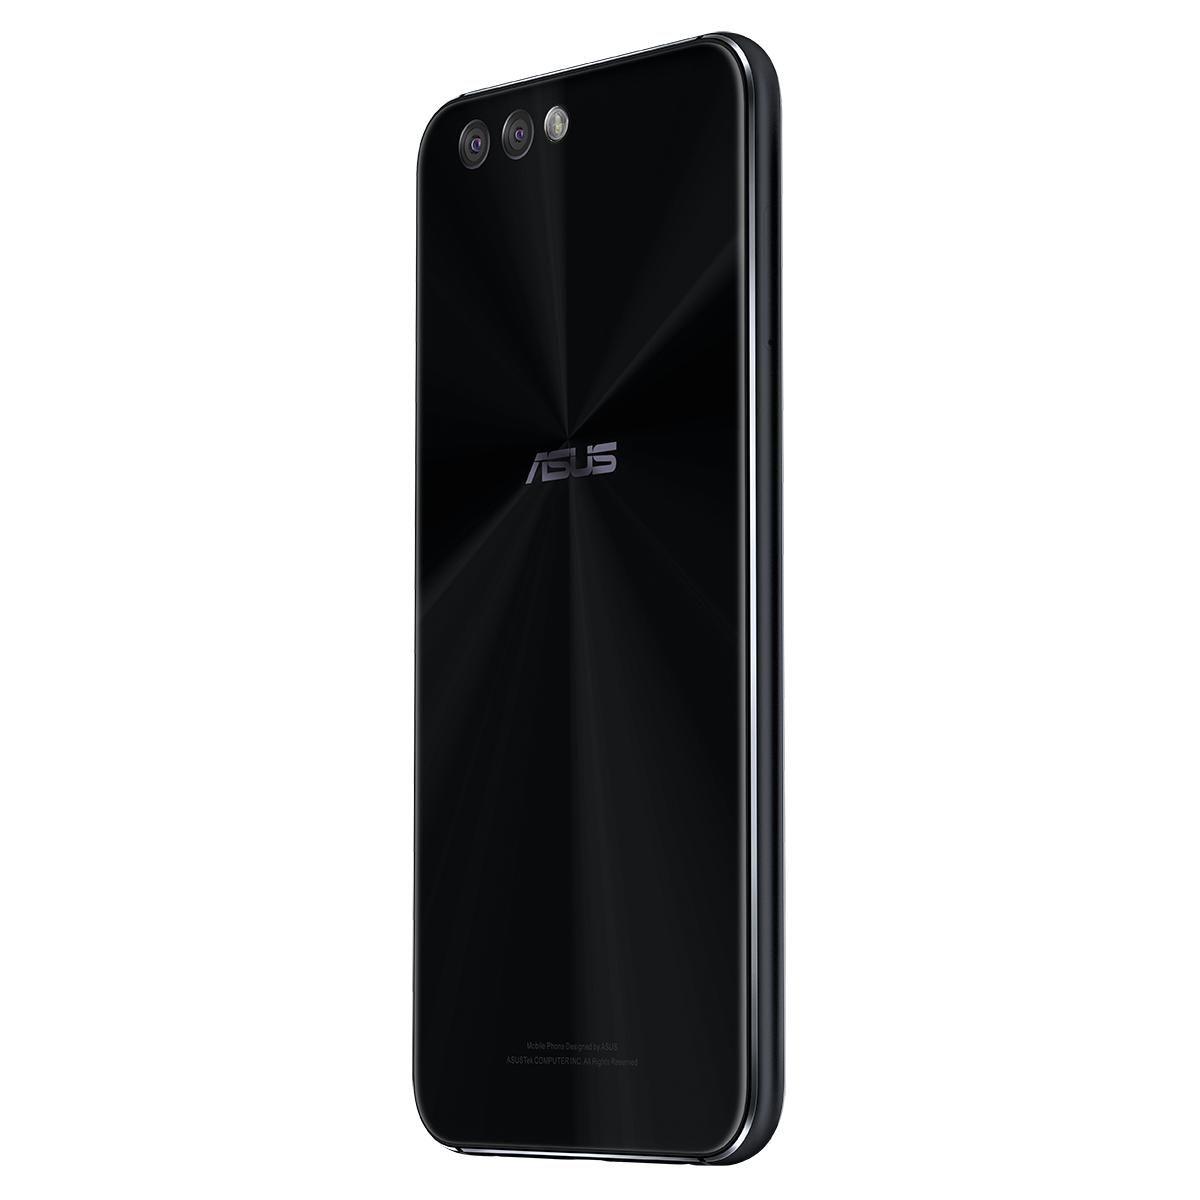 ASUS Smartphone ZENFONE 4 - 64 Go - 5,5 pouces - Noir